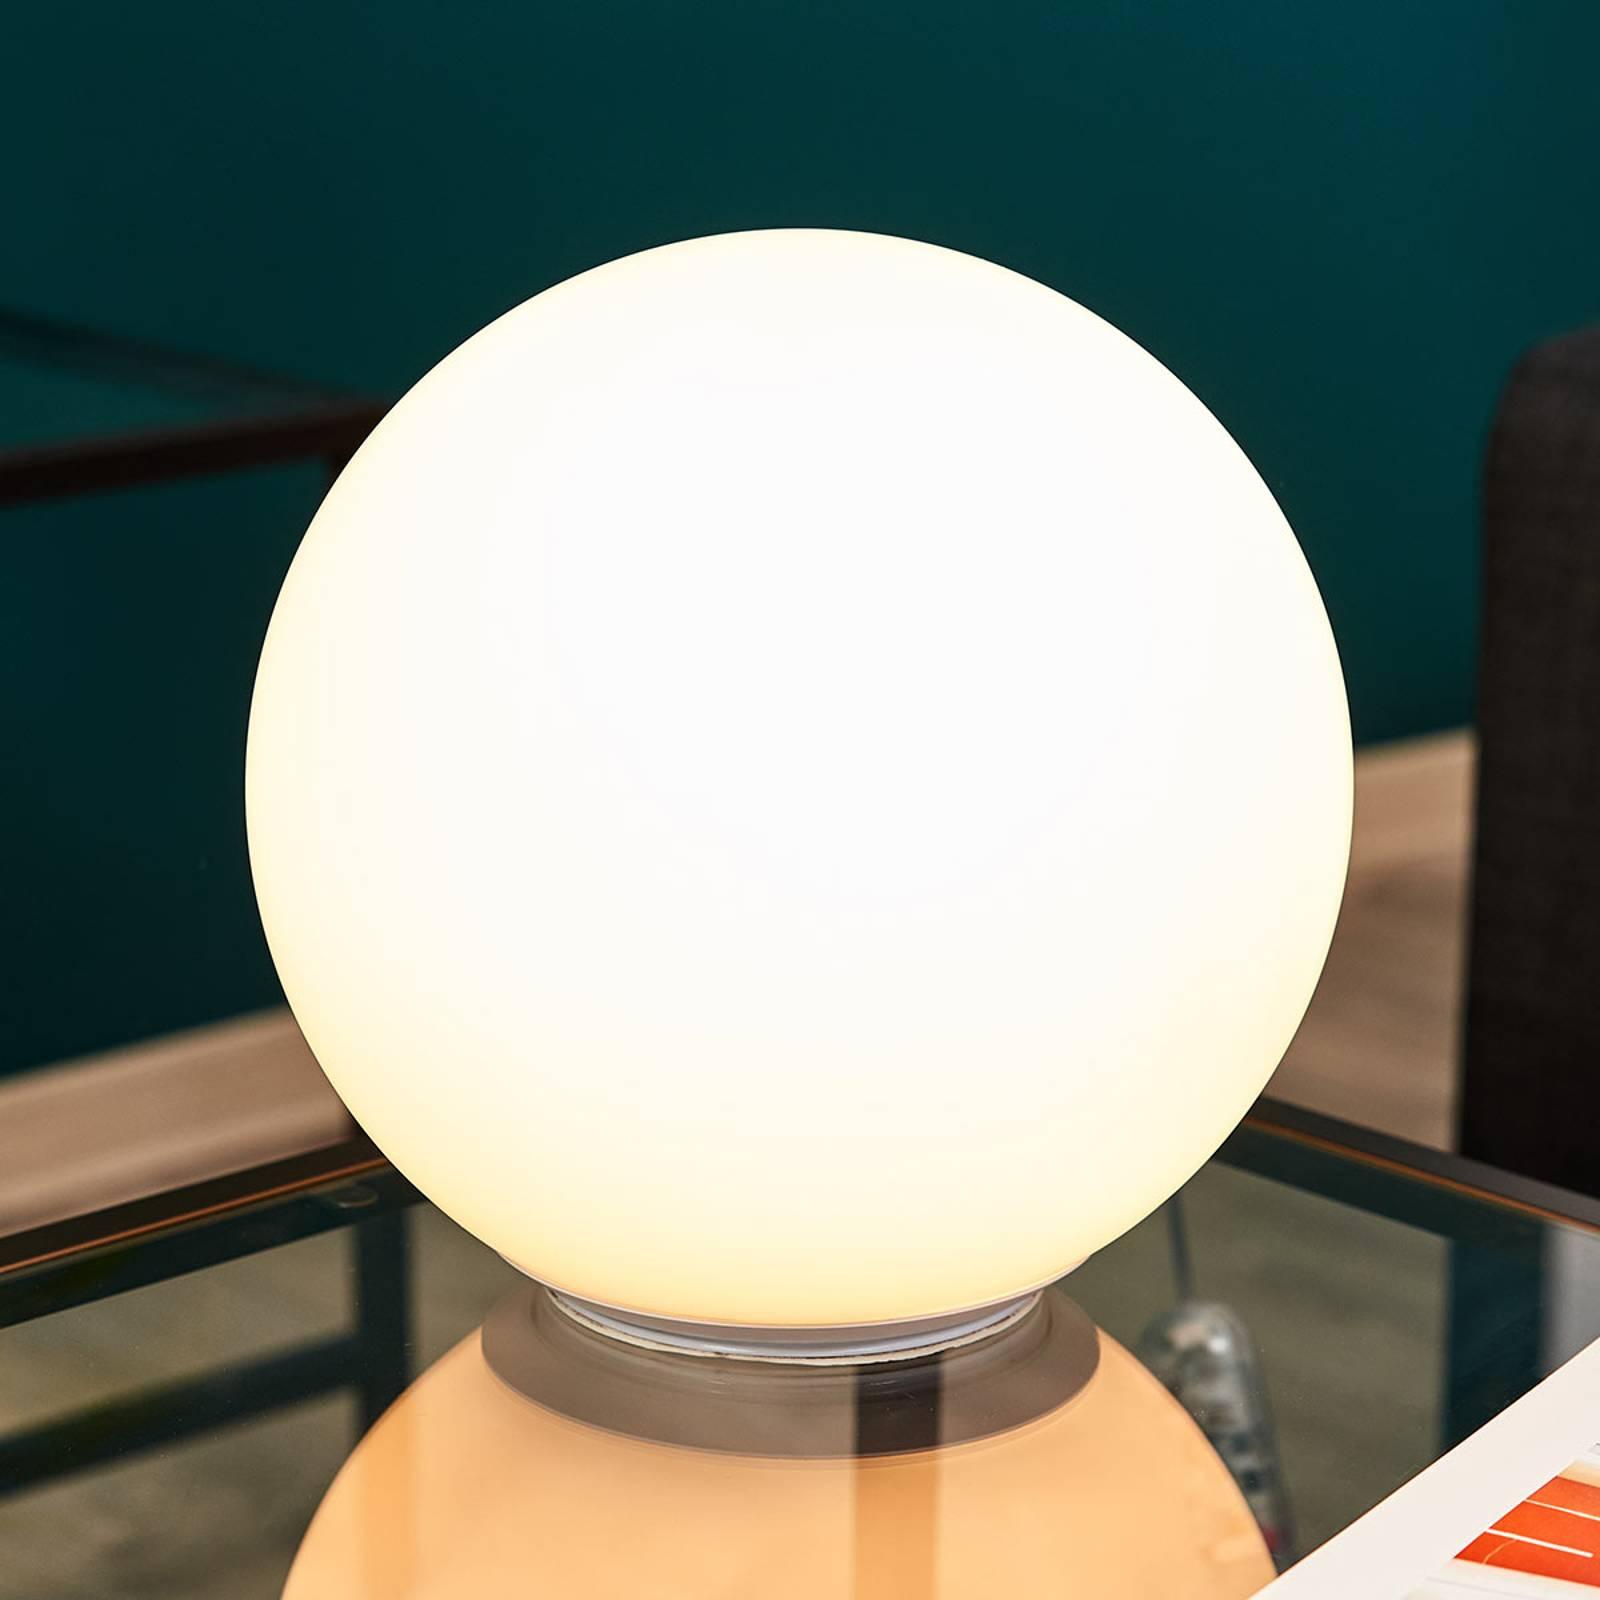 Lampada sferica di vetro Dioscuri, 25 cm